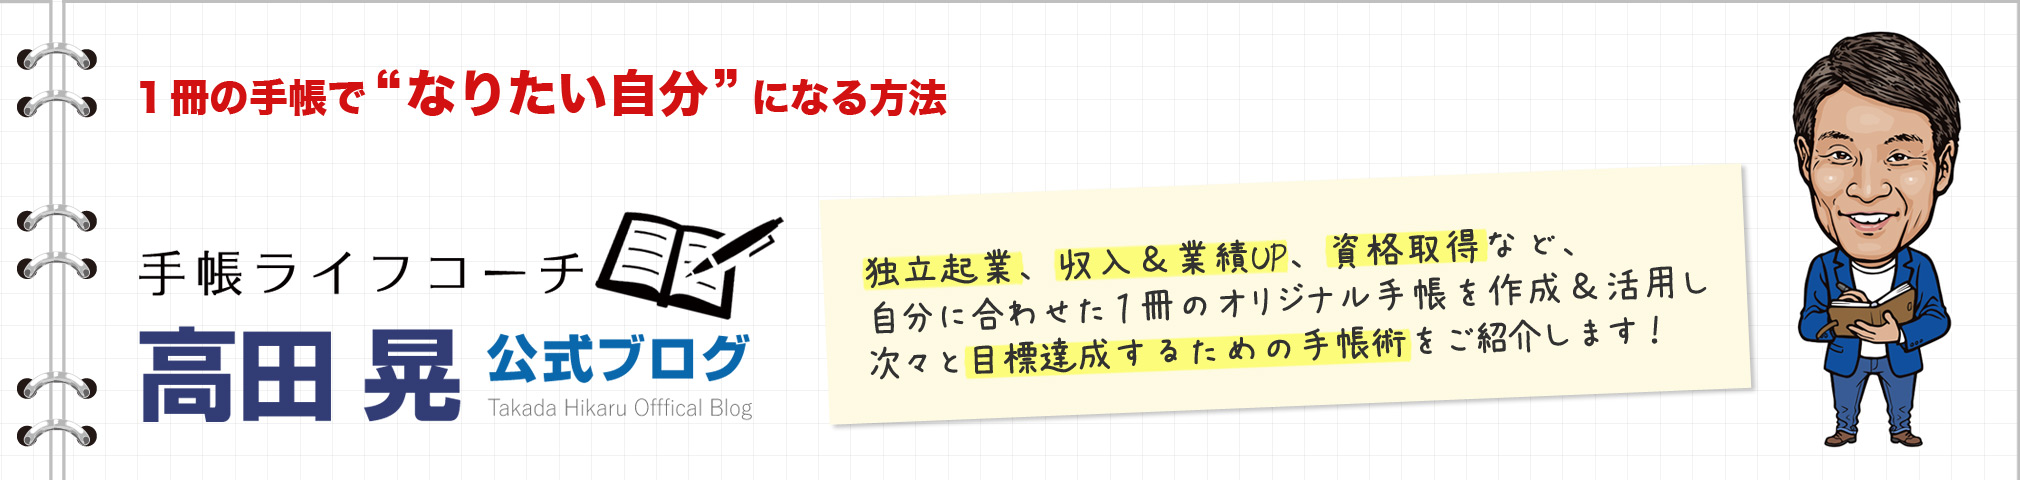 超めんどくさがり屋の私が、毎日手帳を活用する理由 | 手帳ライフコーチ高田晃 公式ブログ